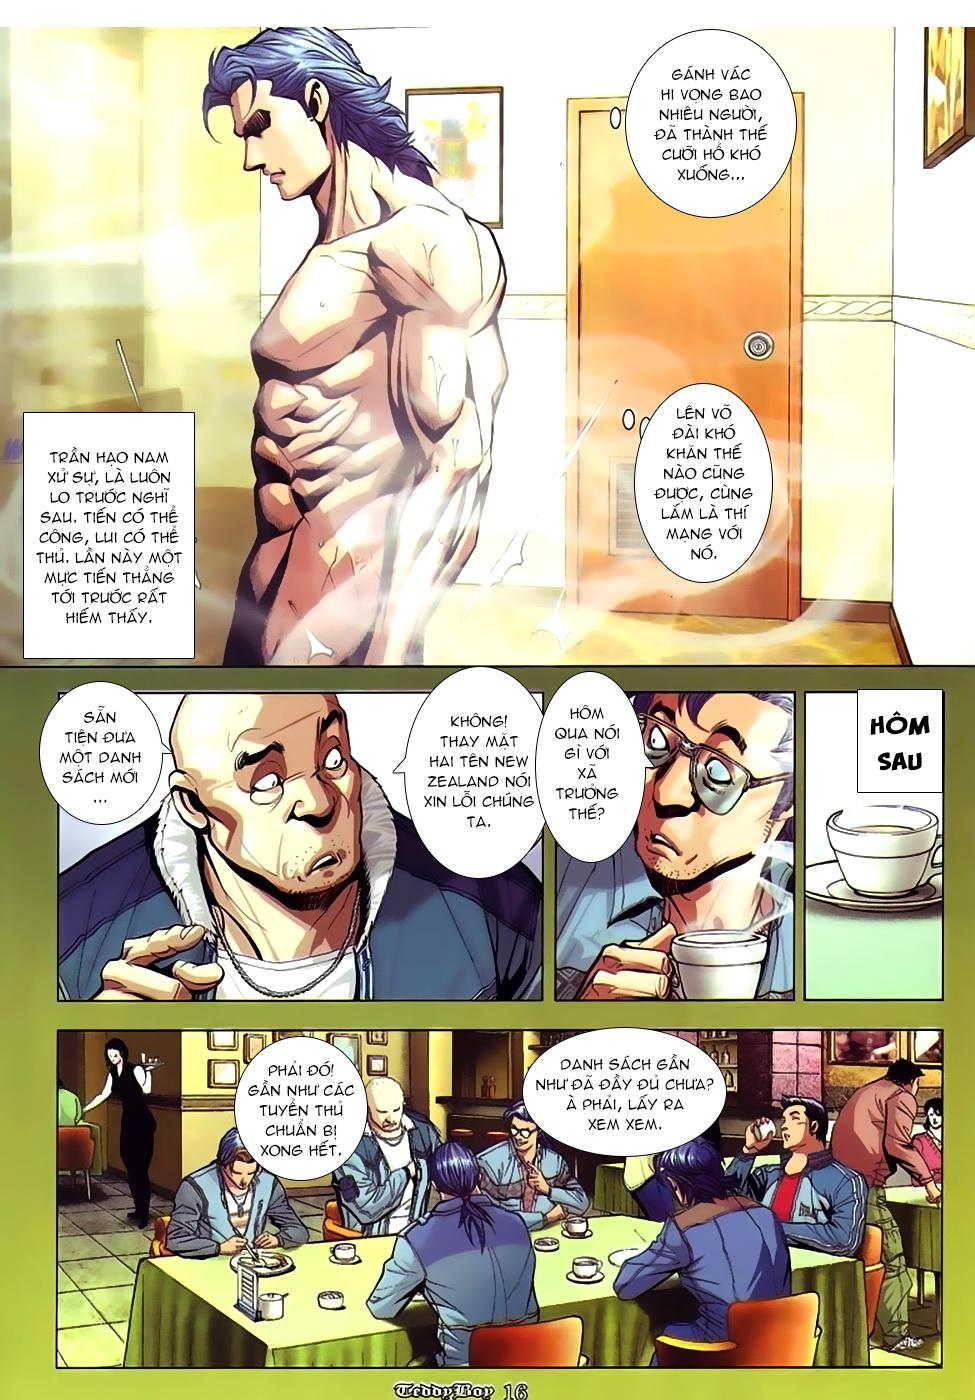 Người Trong Giang Hồ NetTruyen chap 870 - Trang 11